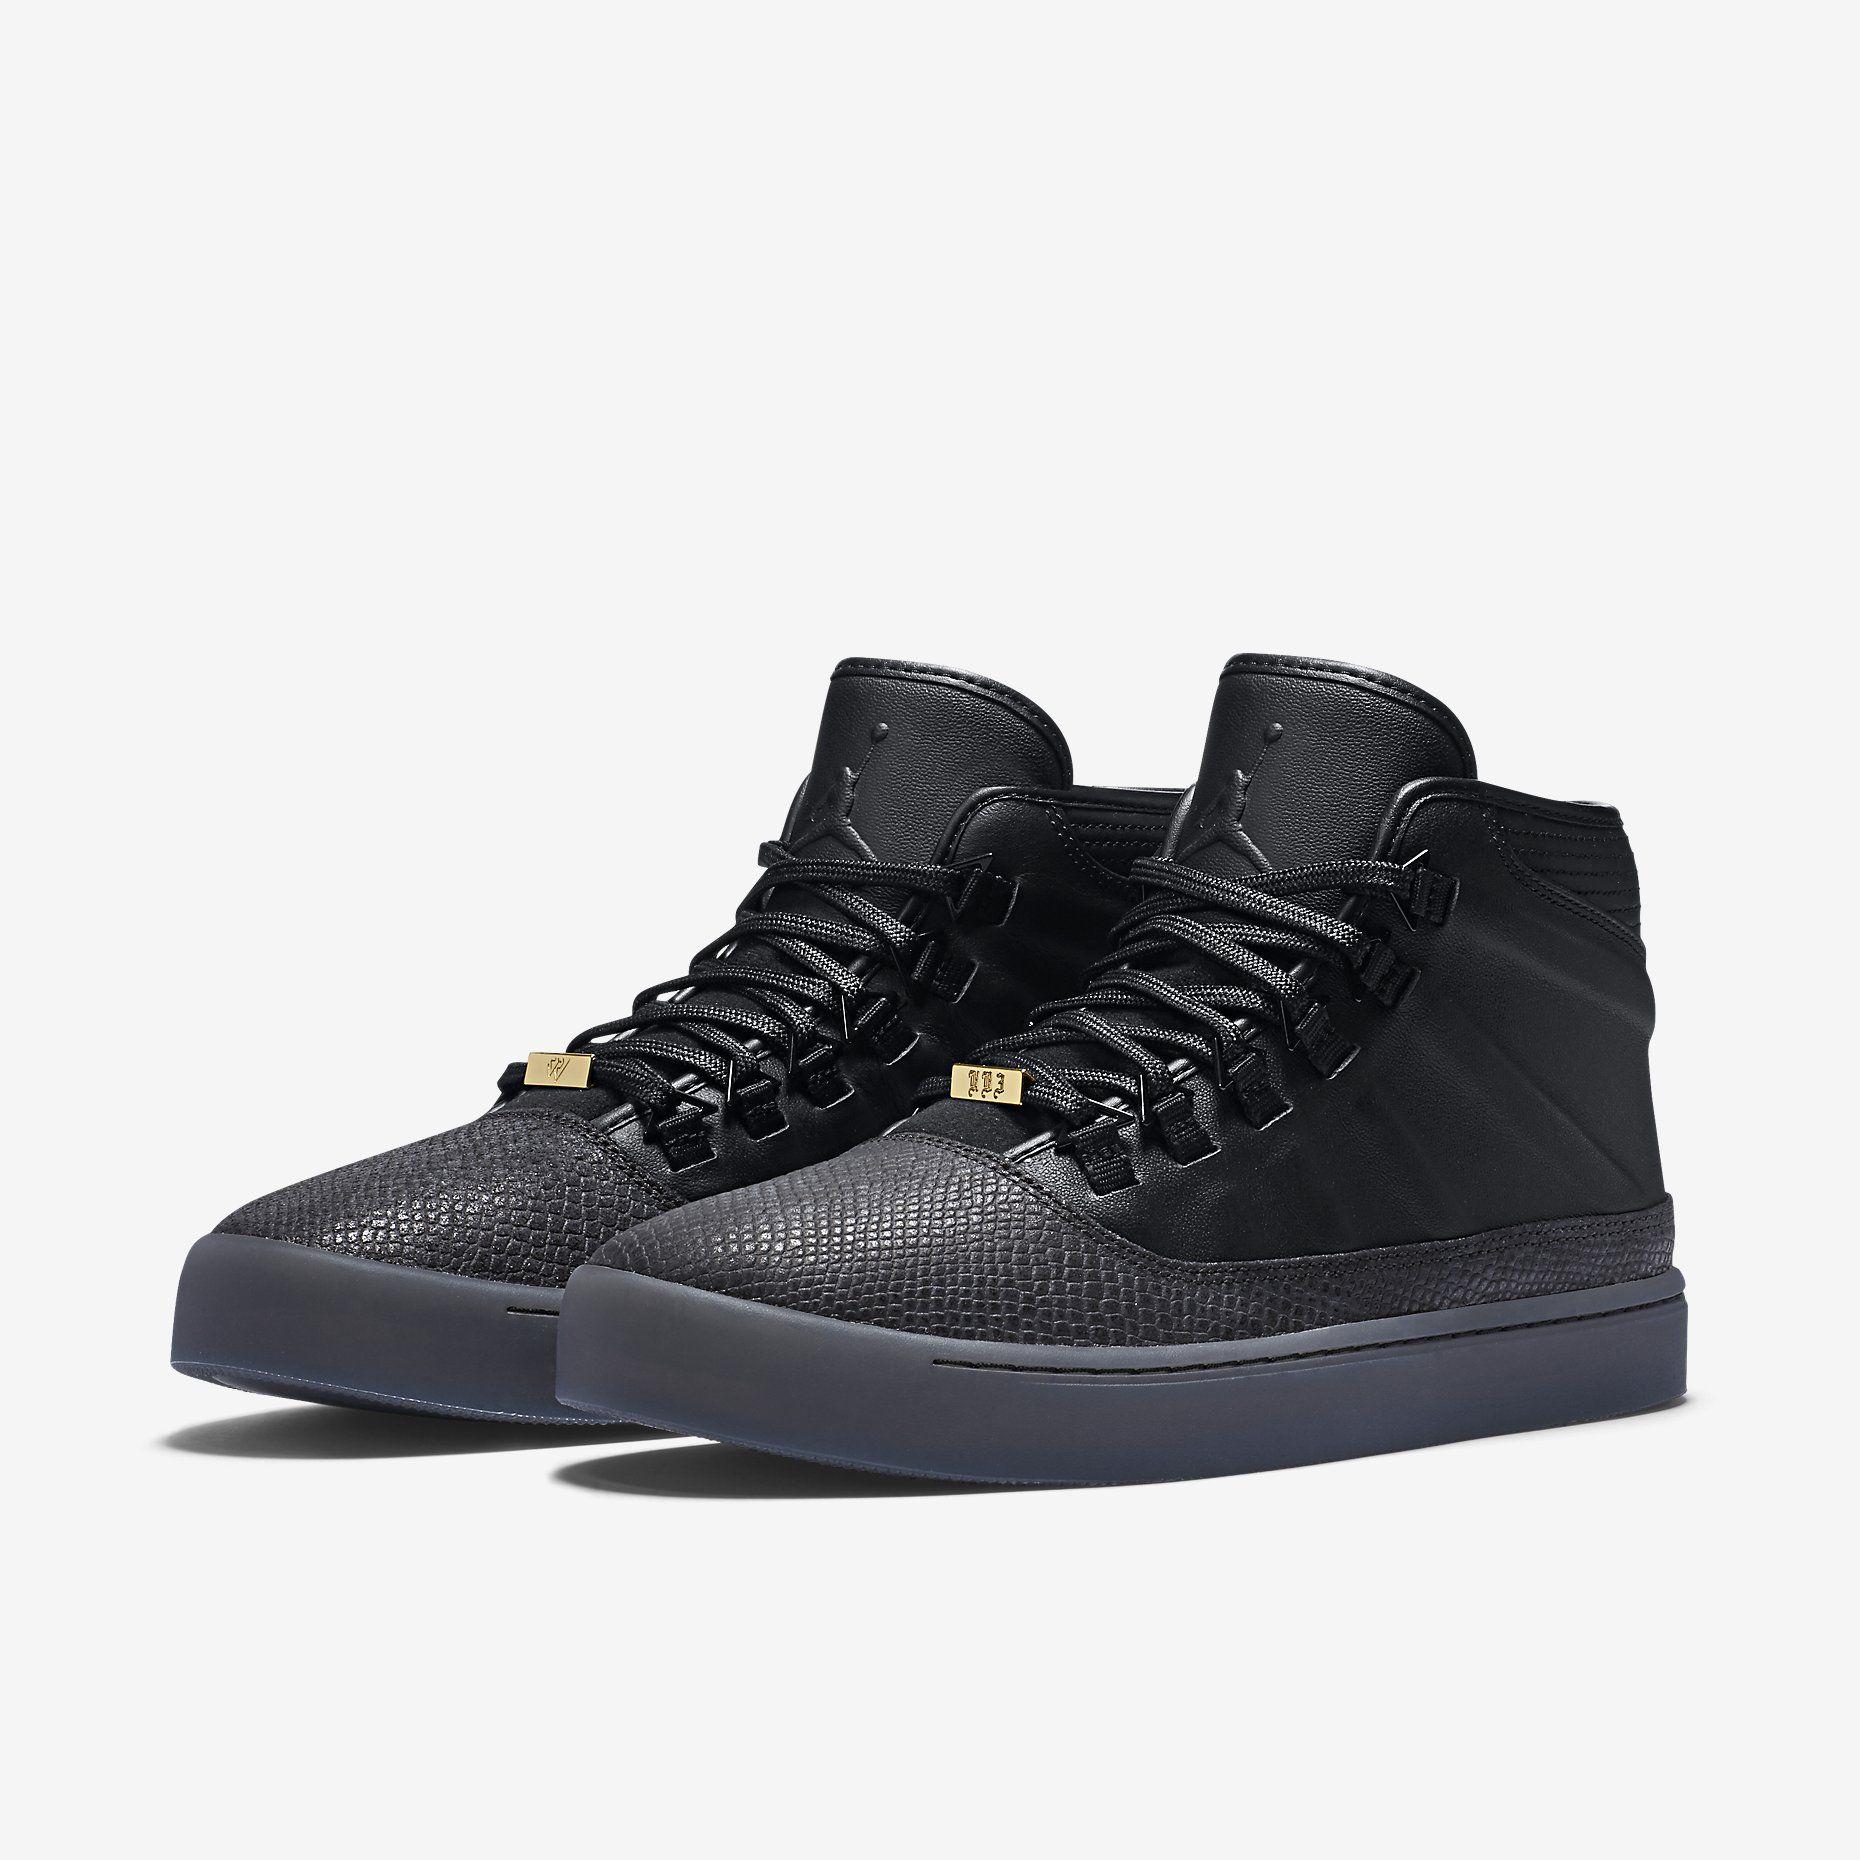 buy popular 75c83 e33f2 Schuhe, Kleidung  Zubehör von Nike einkaufen auf www.nike.com Westbrook  Shoes